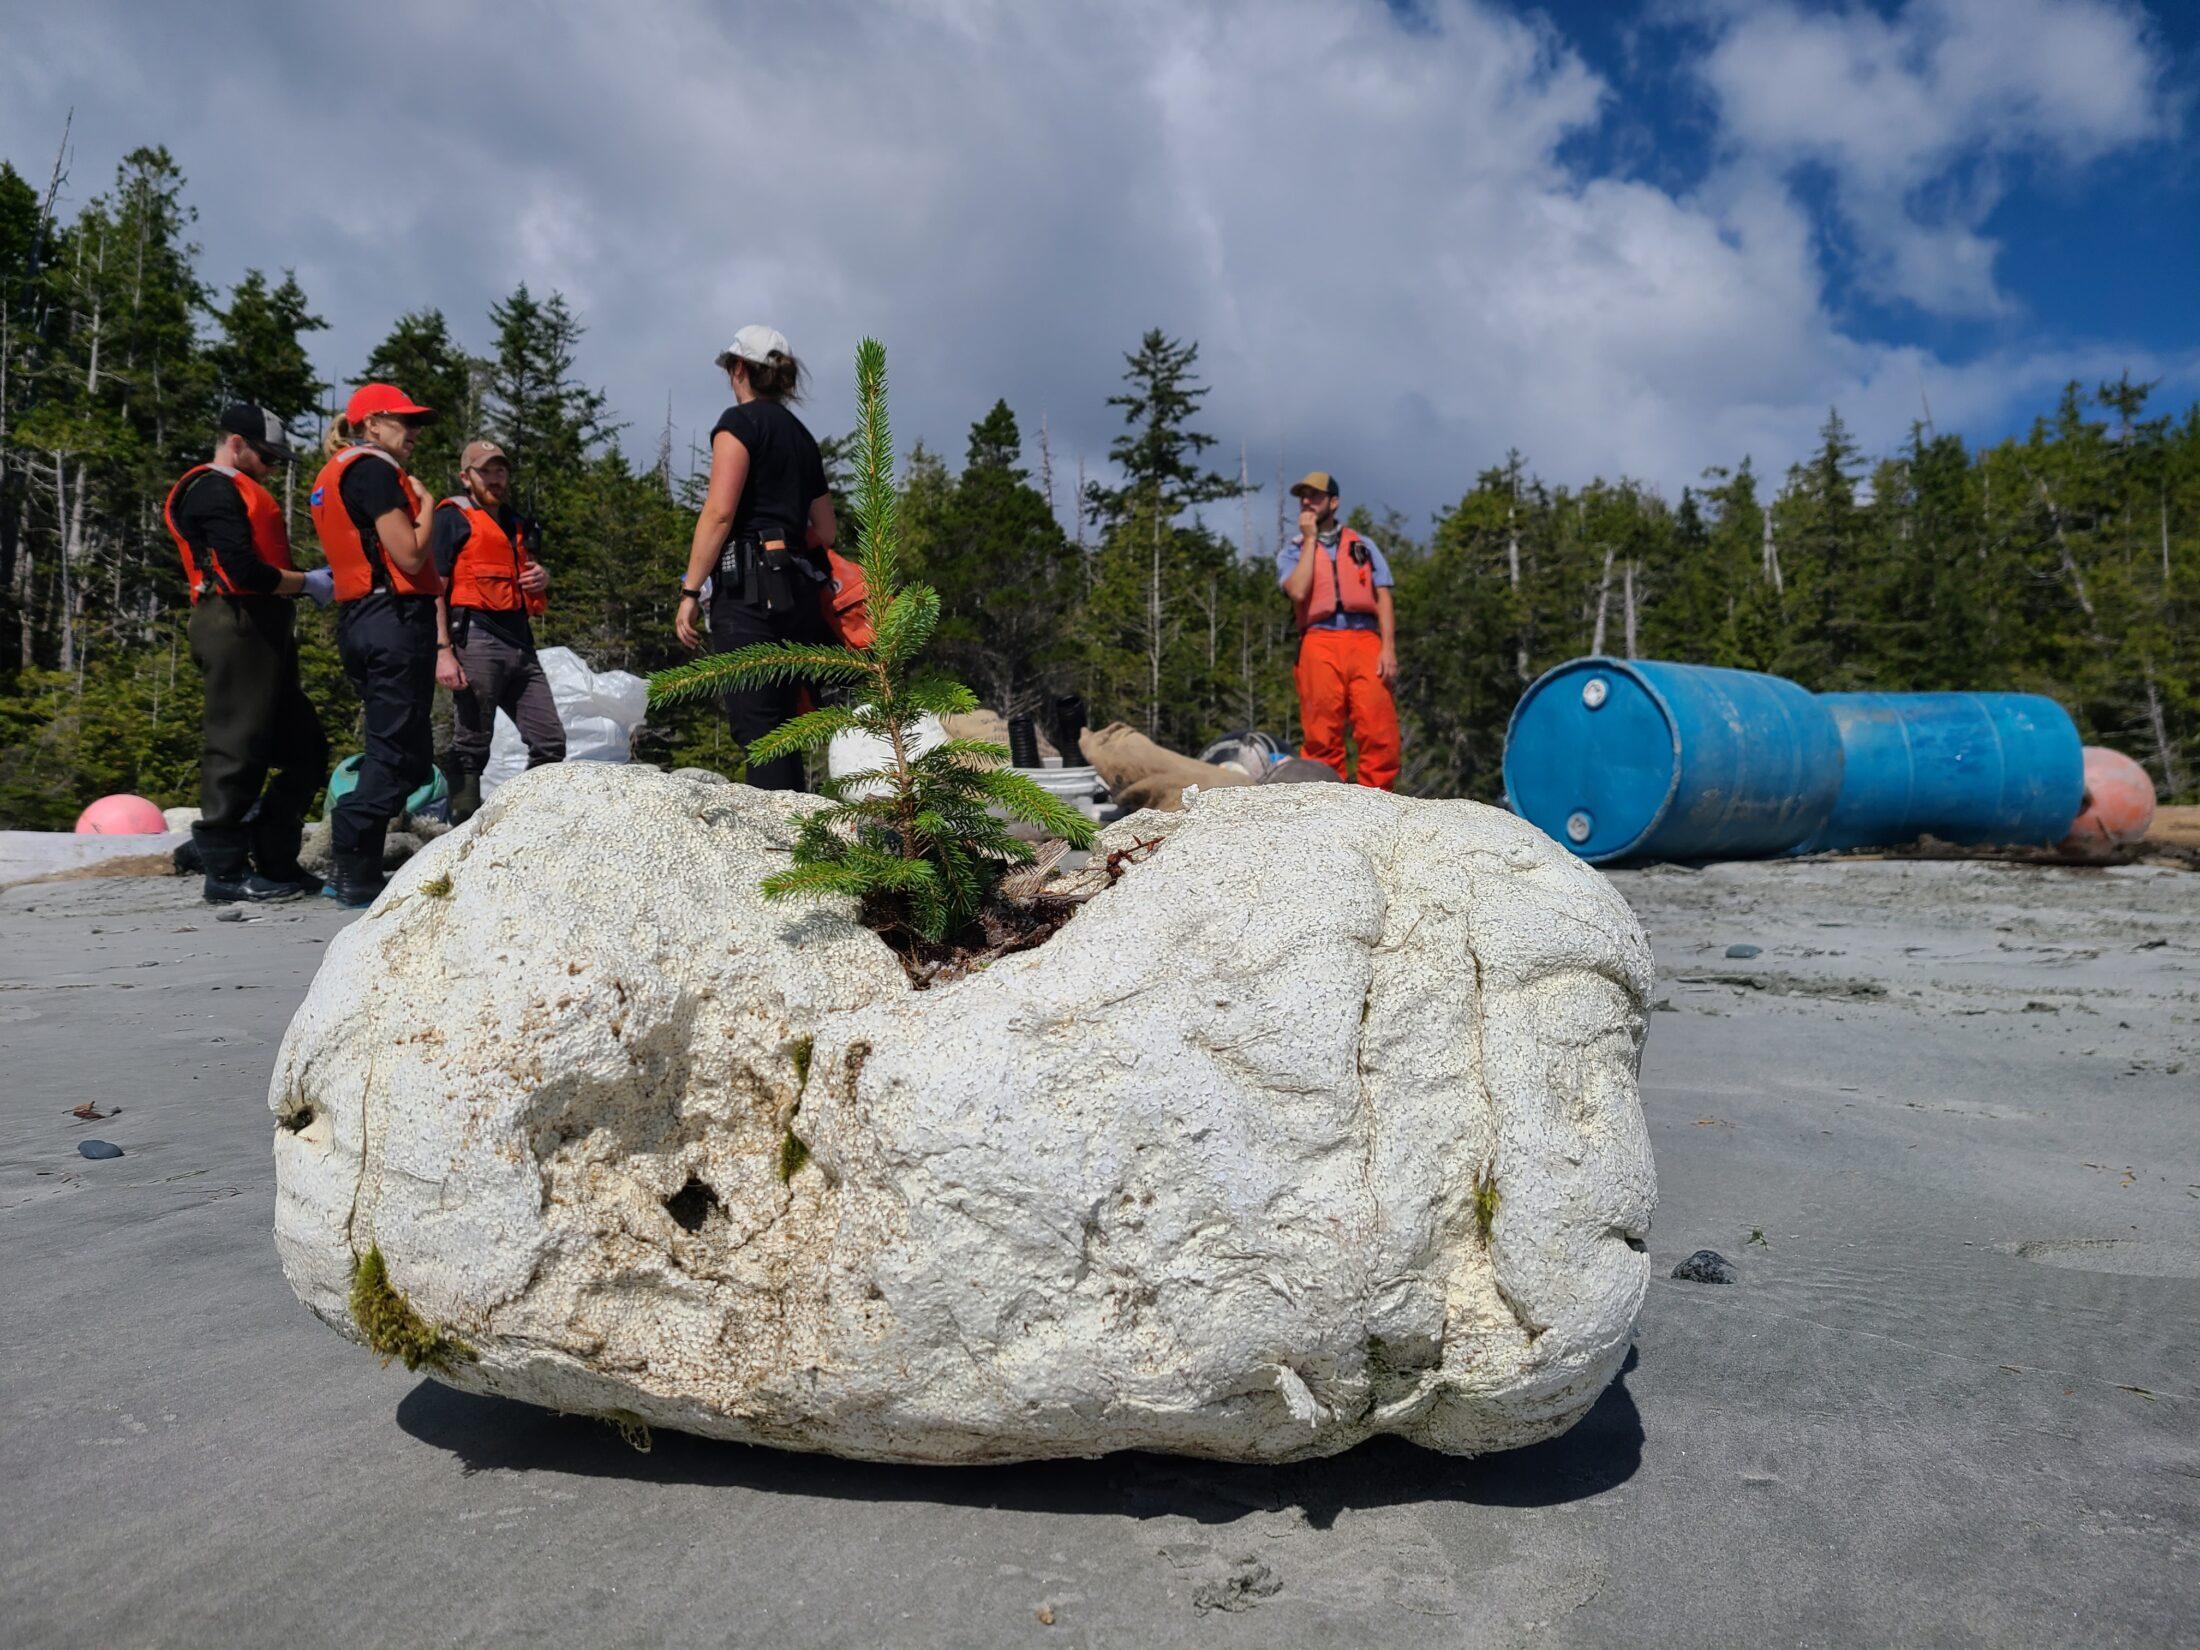 Debris, Clean Coast, Clean Waters Initiative